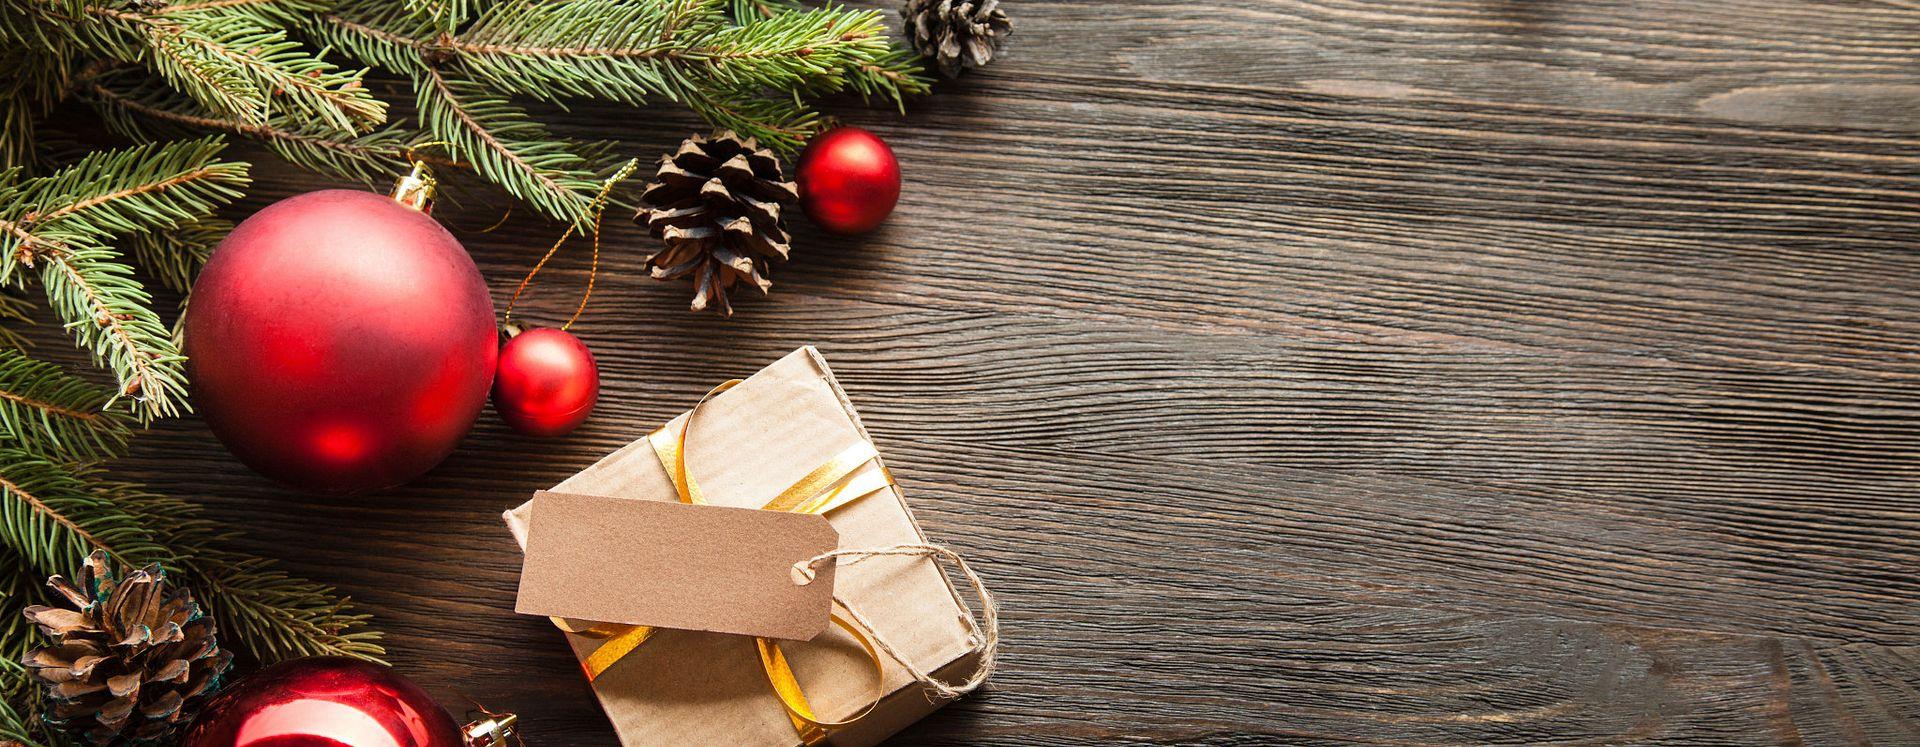 Especial festas de final de ano Natal e Trends | Paraíso